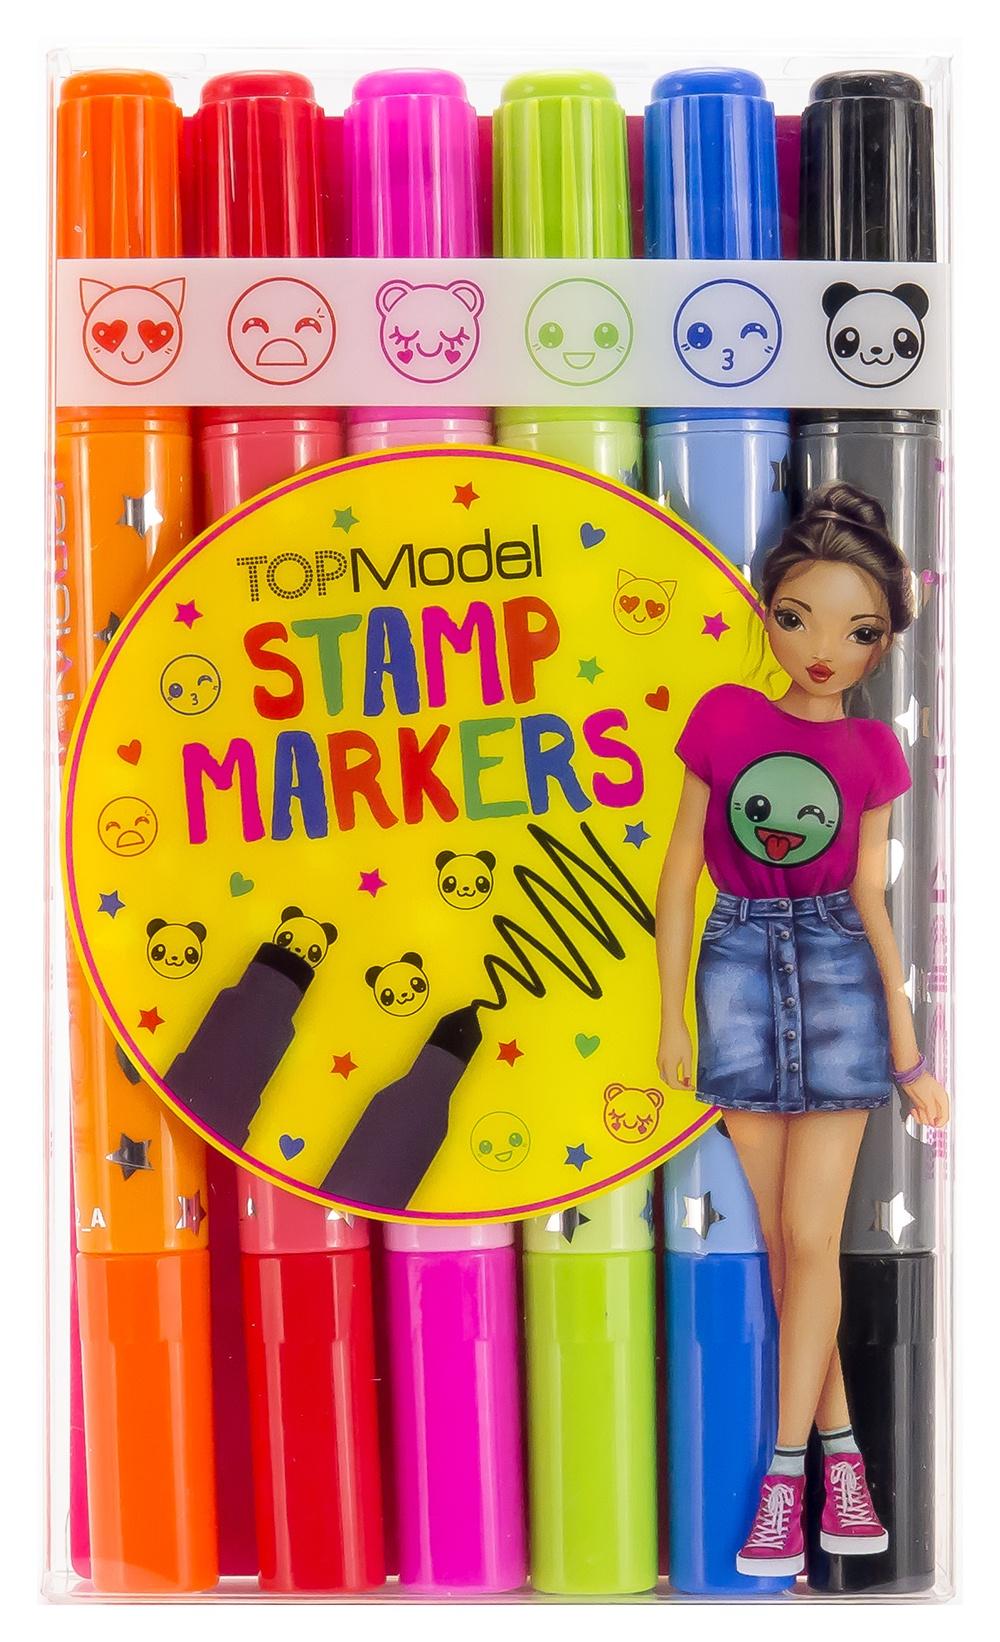 Набор фломастеров Depesche, со штампами, 6 цветов. 10009648 набор фломастеров школьных selfies 6 цветов картонная коробка